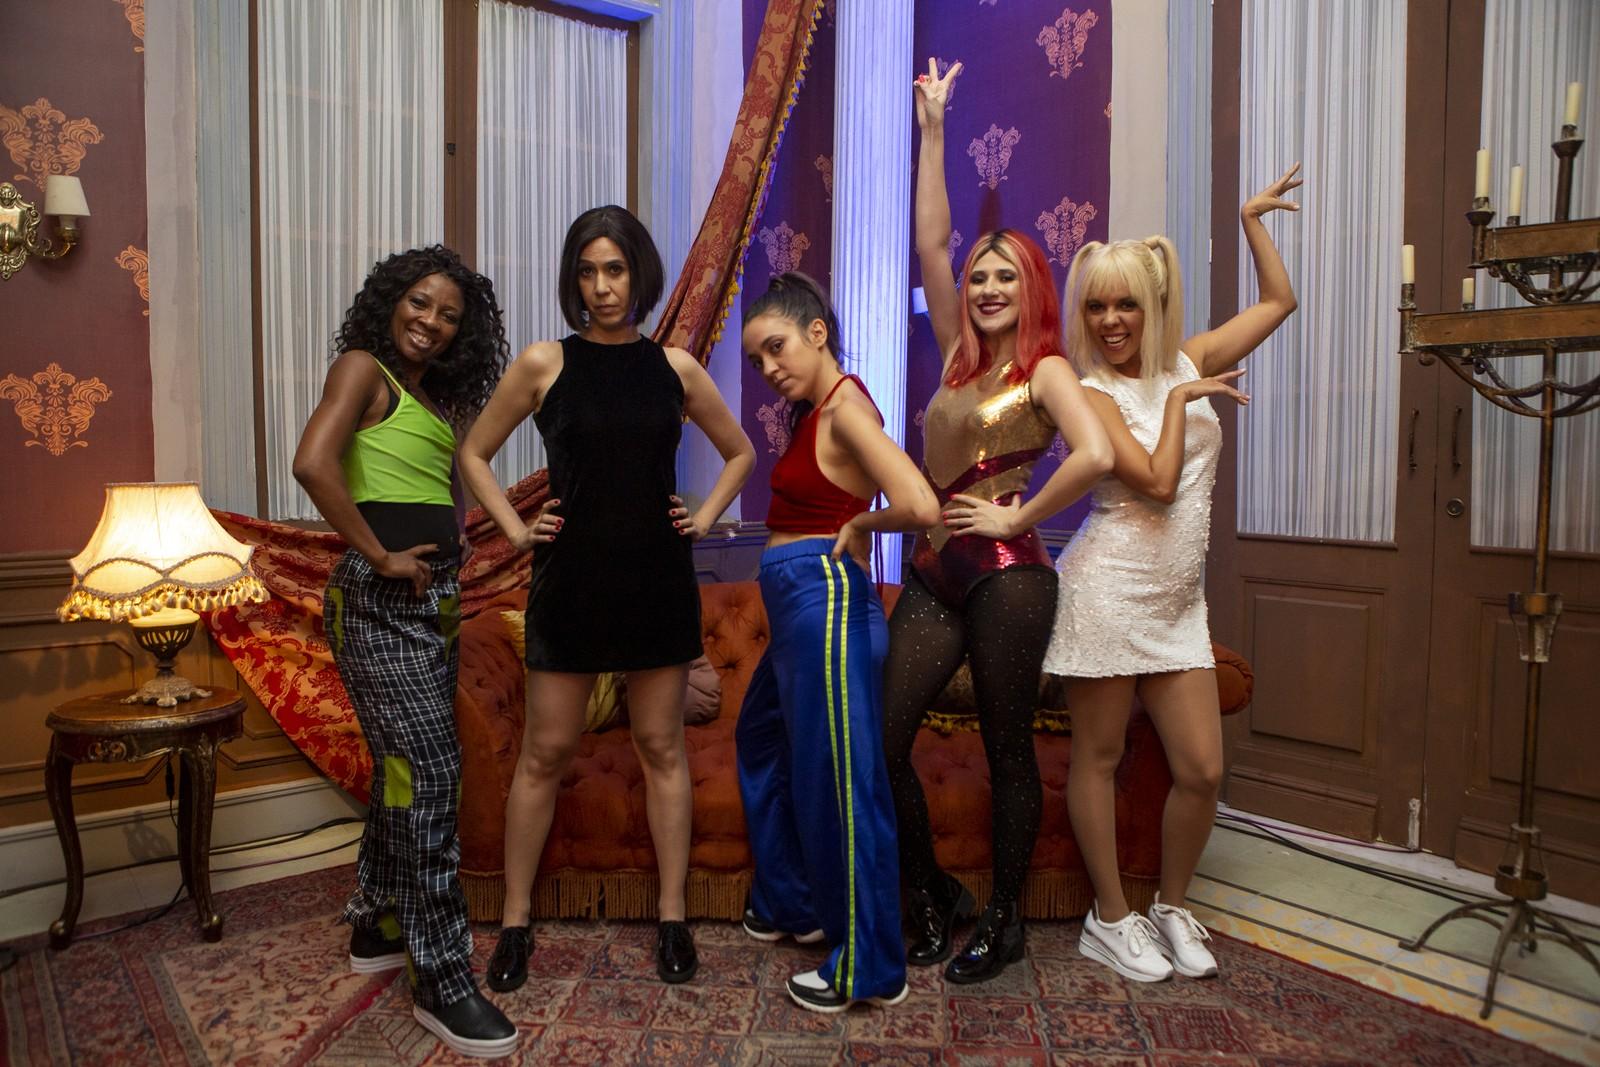 Com paródia de Spice Girls, humorístico da Globo debocha do desgoverno político